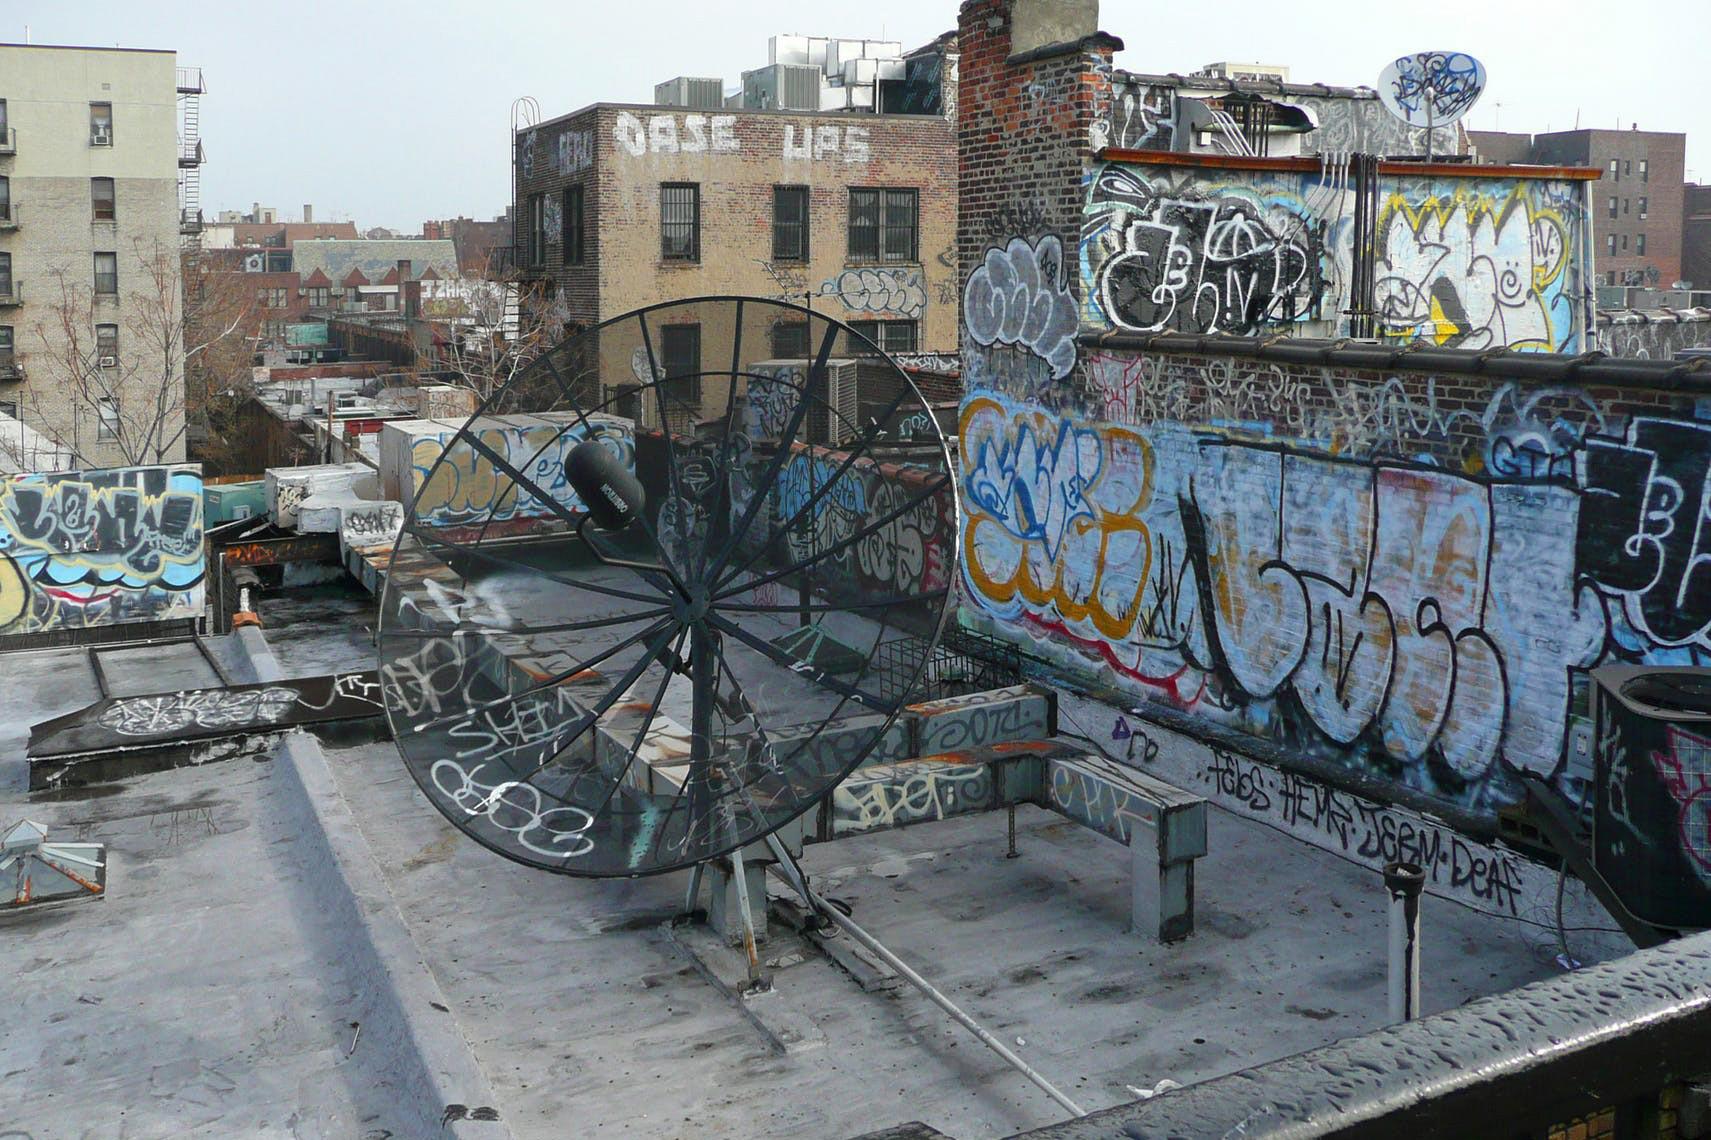 Как вандалы стали художниками: Дмитрий Аске рассказывает, почему уличное искусство начали продавать за миллионы долларов